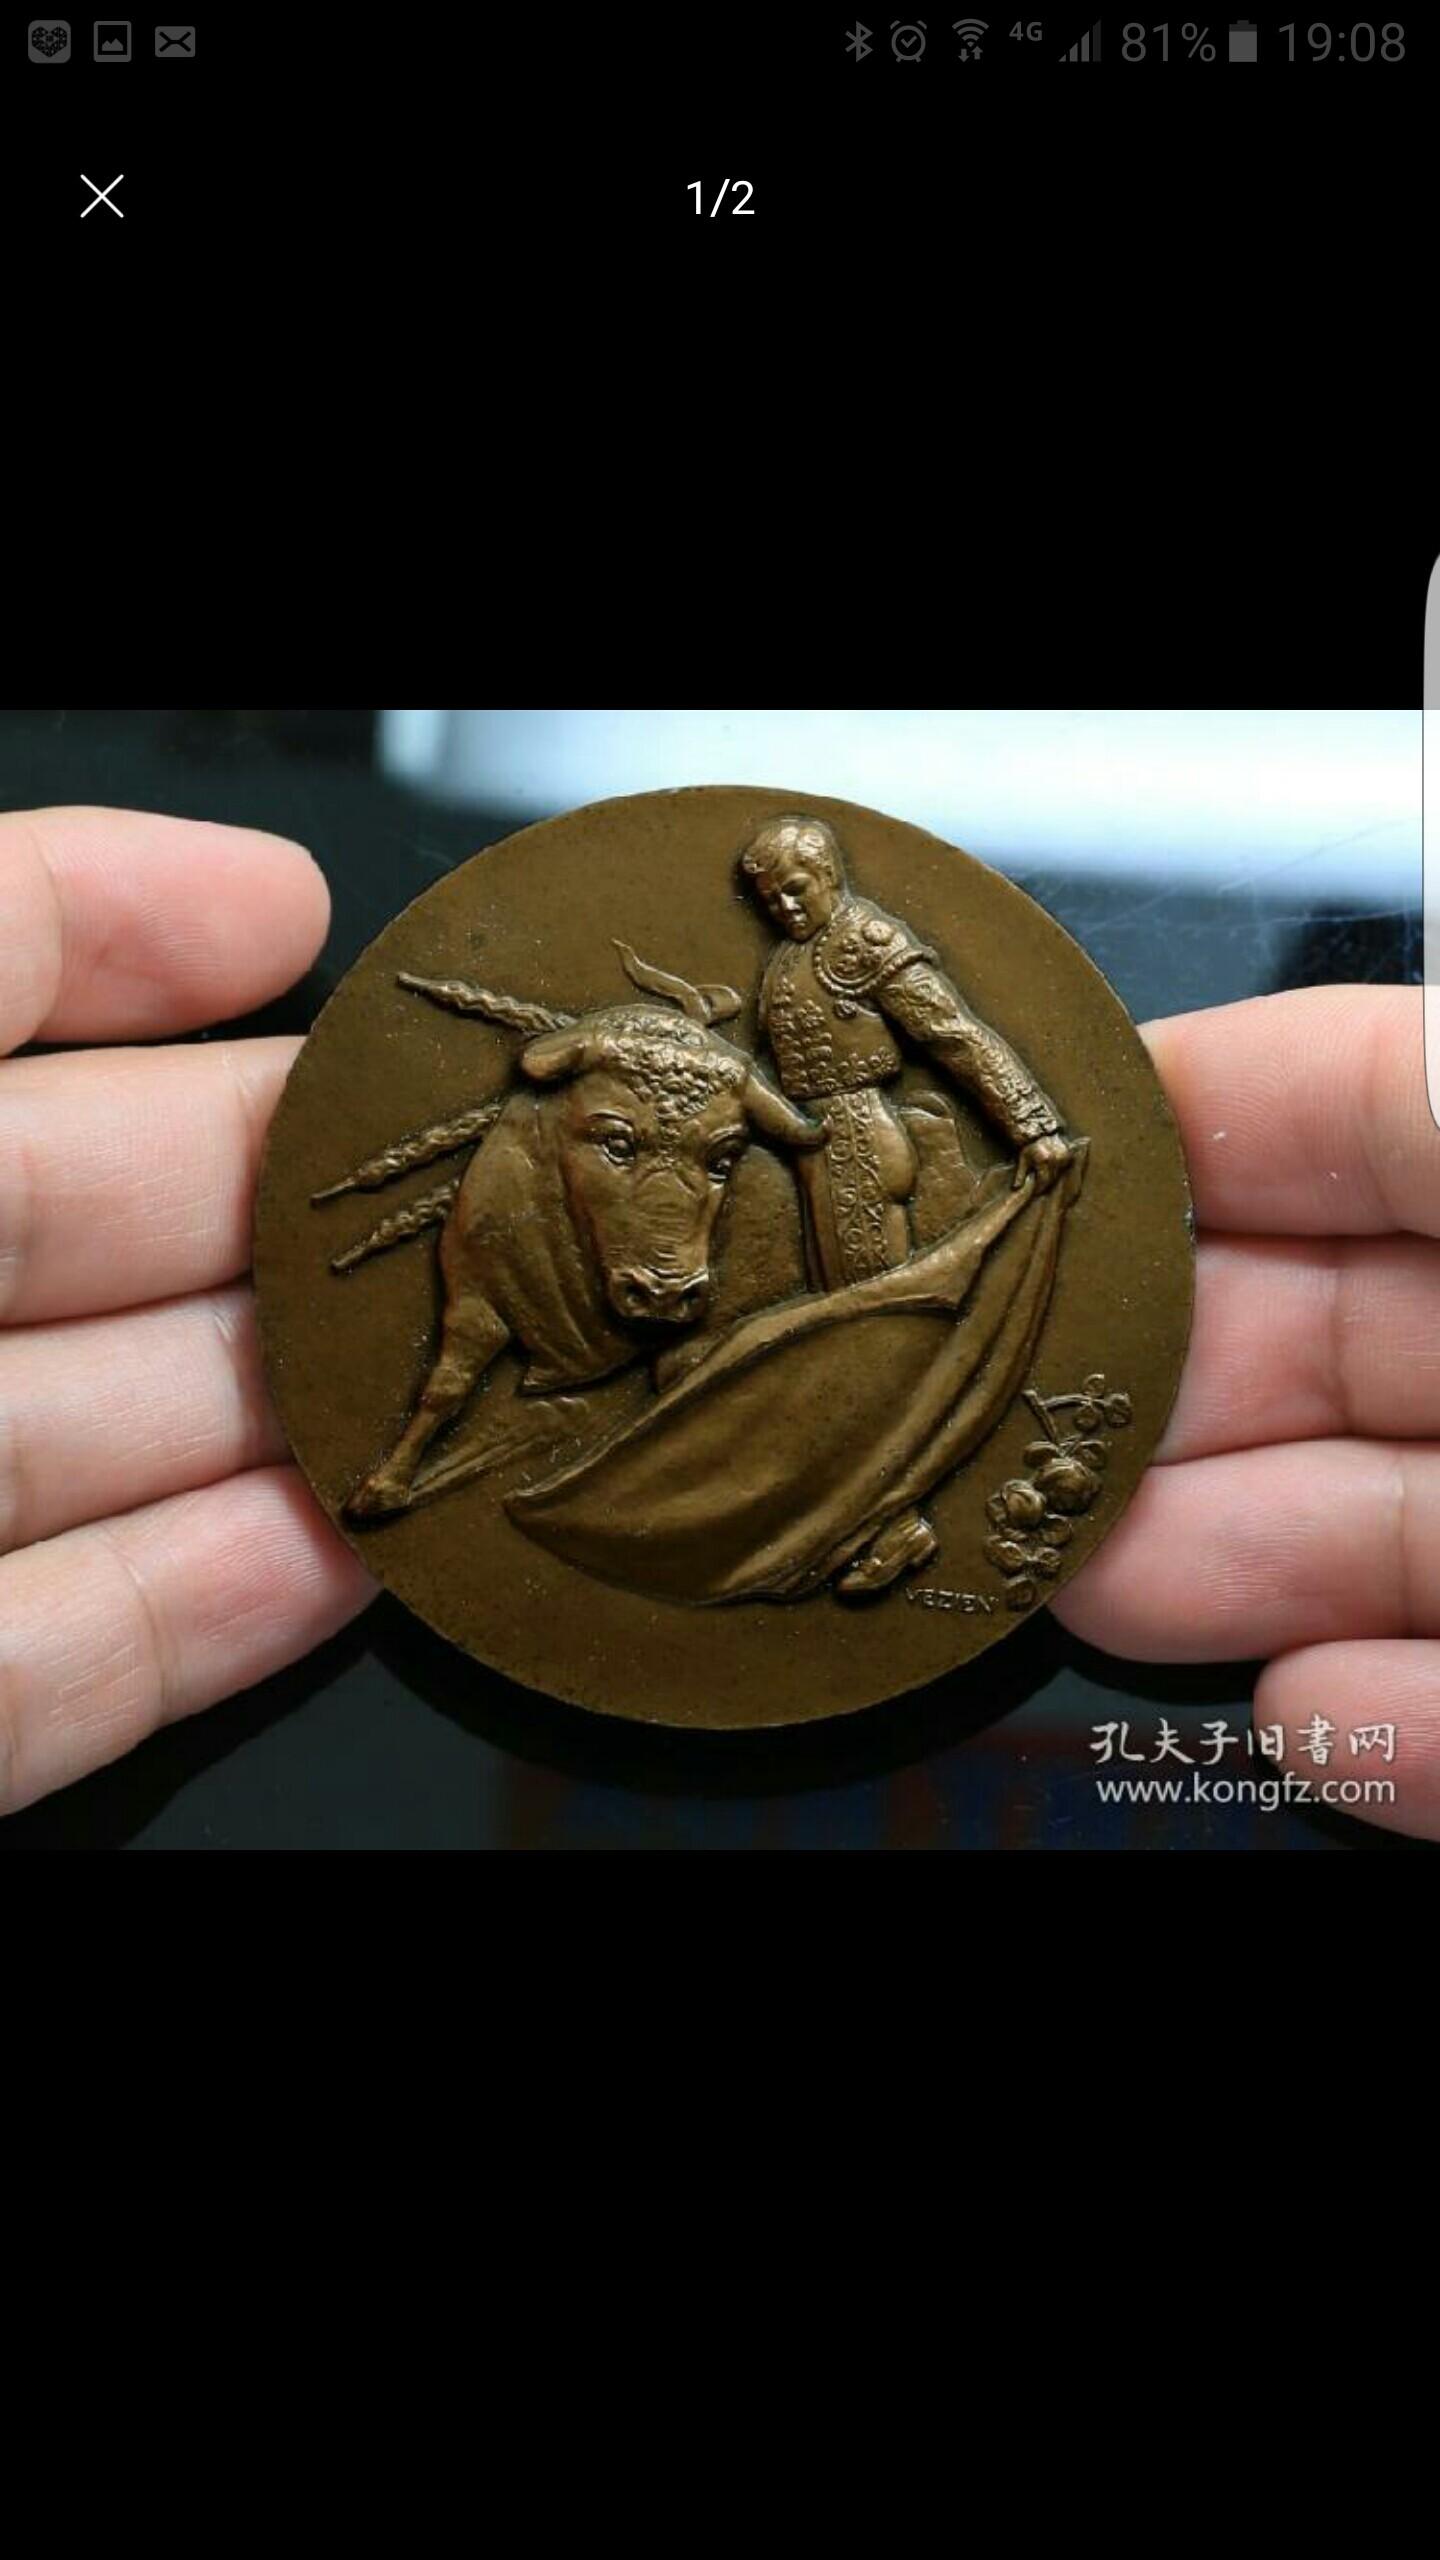 钱币法国大铜章 斗牛士 直径 7厘米 150克钱币收藏